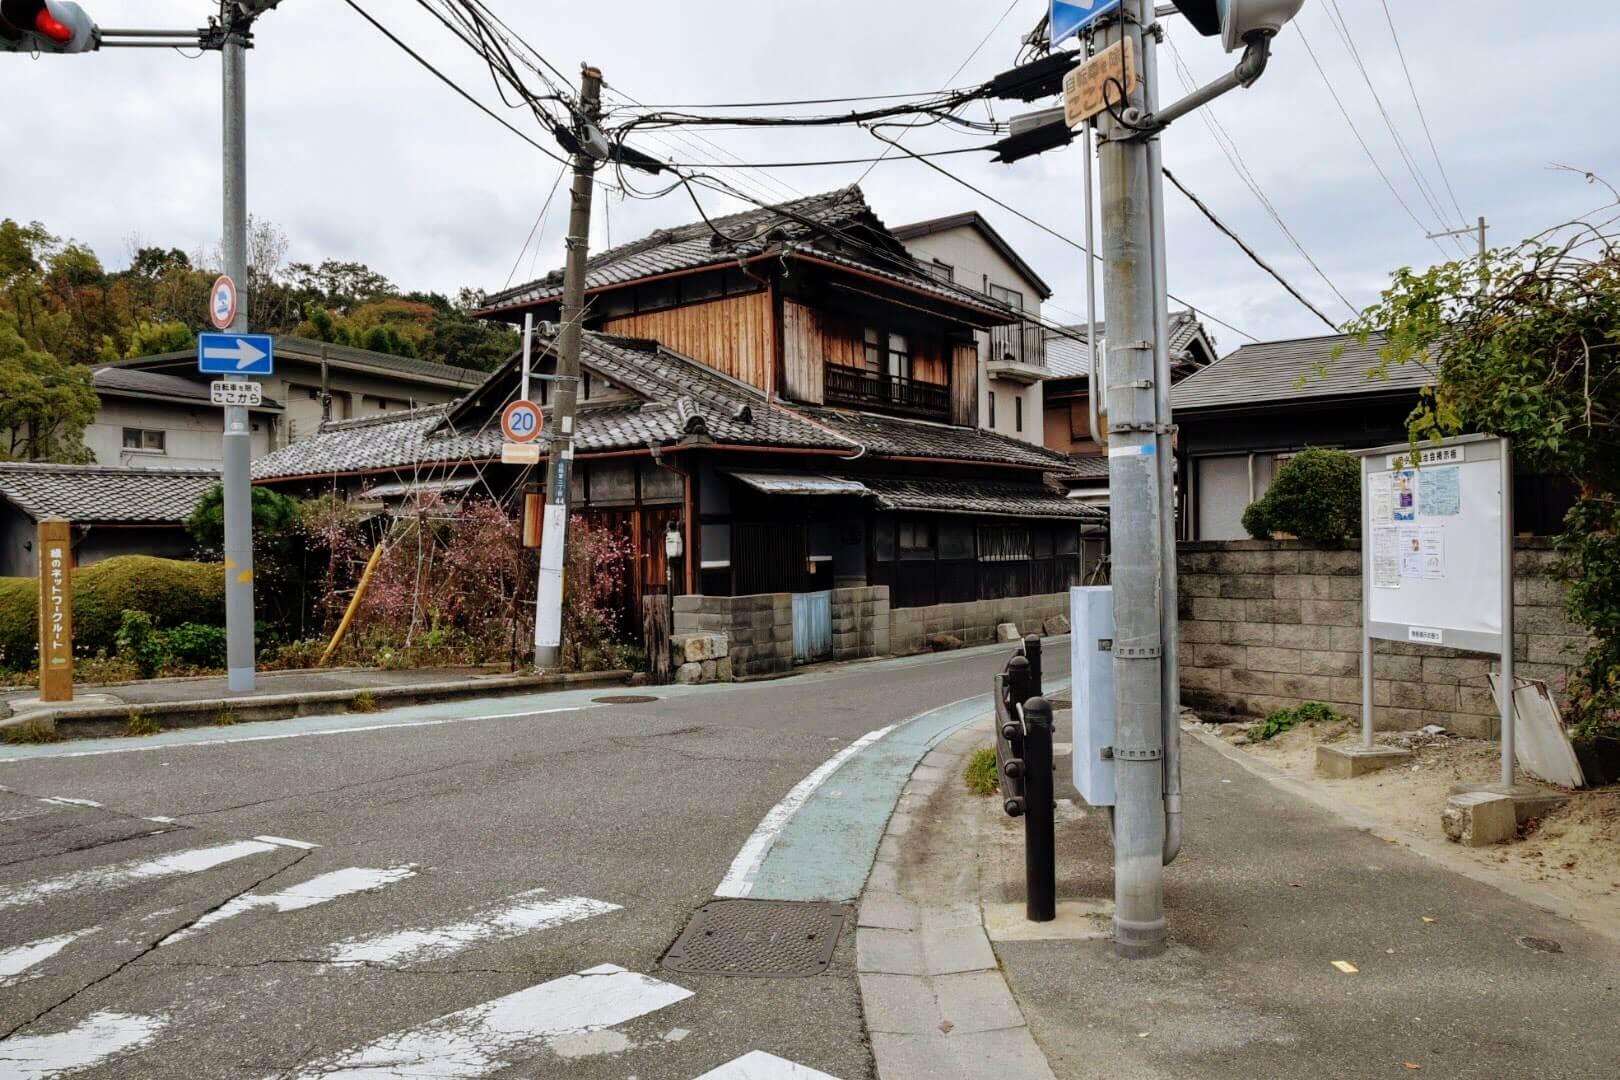 松竹堂 吹田山田本店は伊射奈岐神社の横に見える道を入っていく